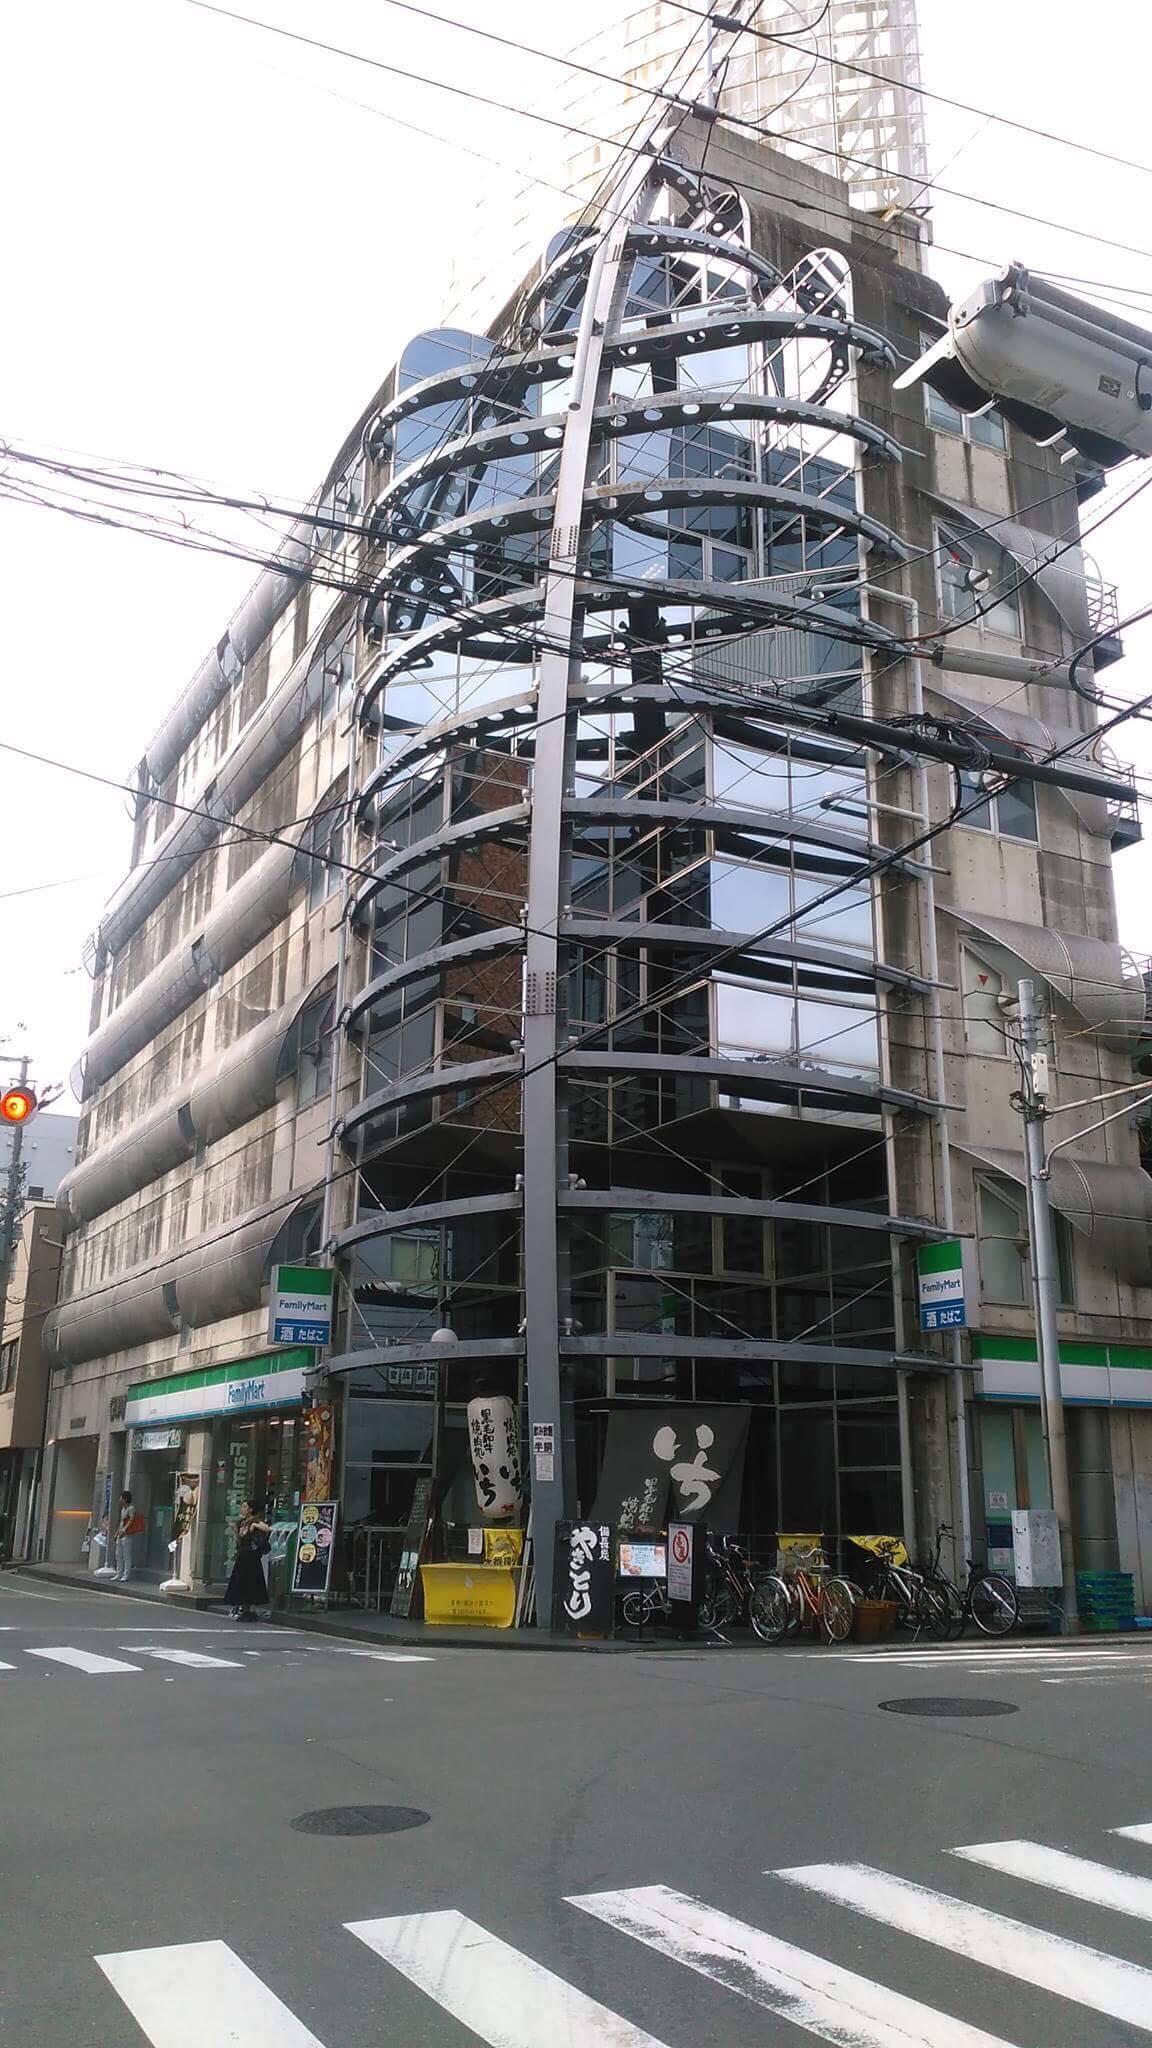 マンマチャオ関西支店